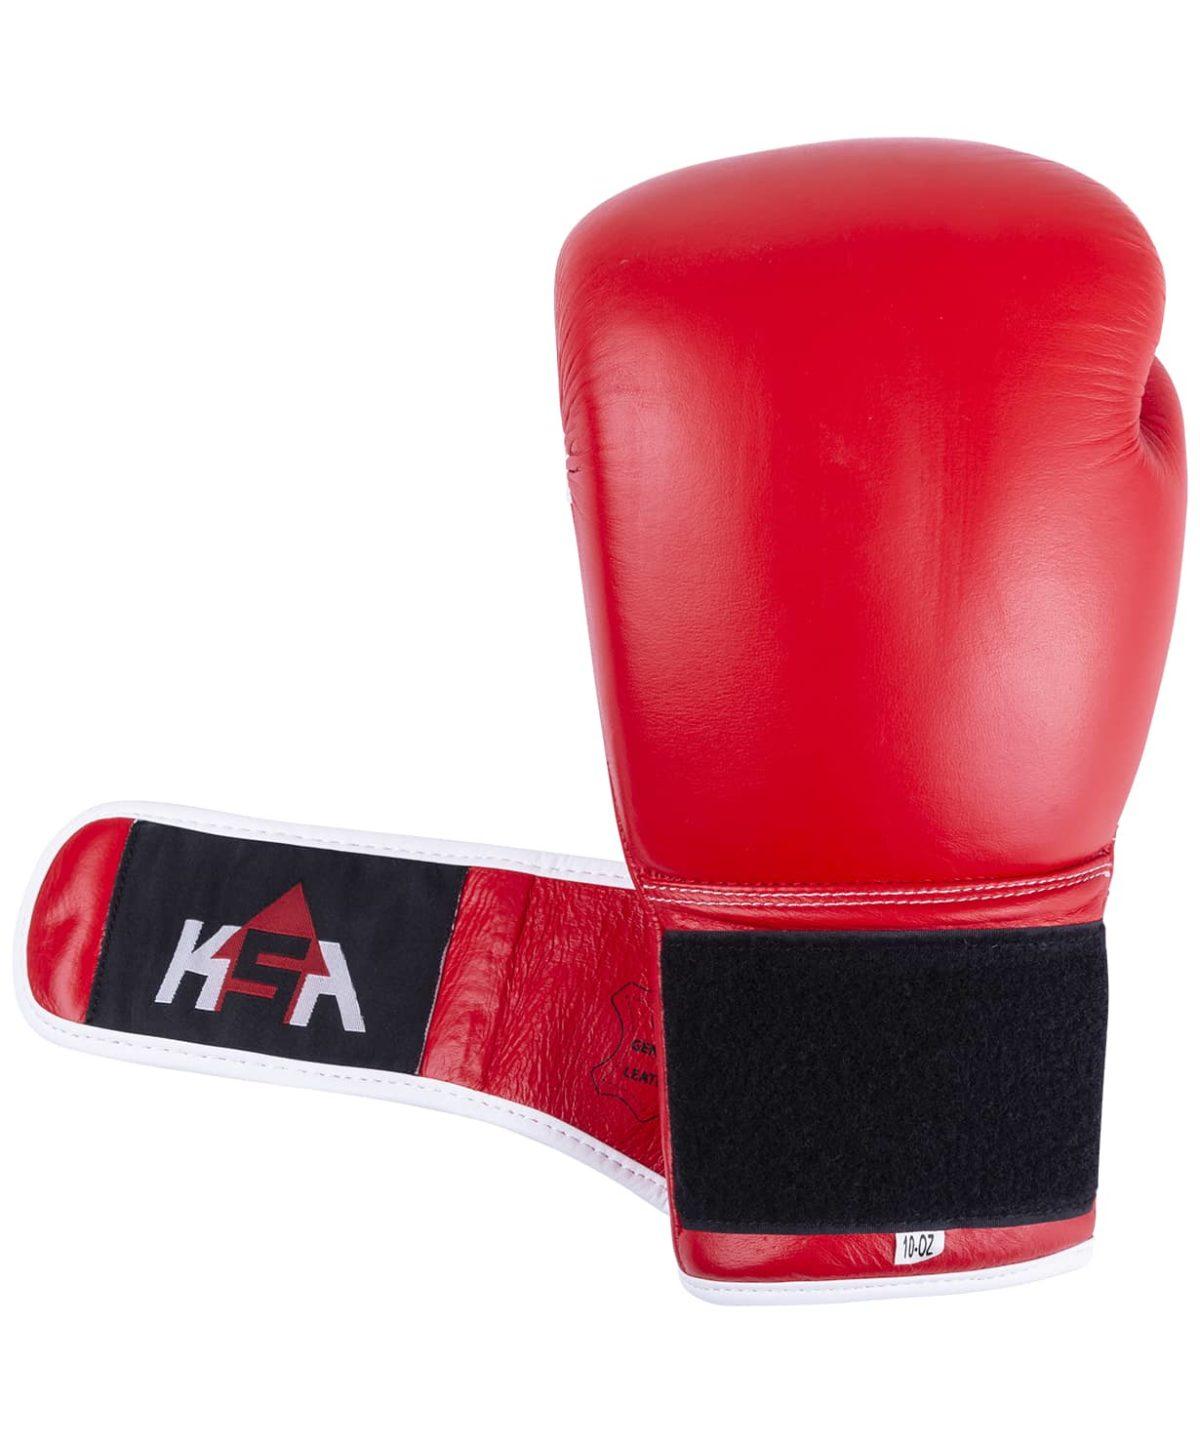 KSA Wolf Red Перчатки боксерские, 12 oz, кожа 17837: красный - 3